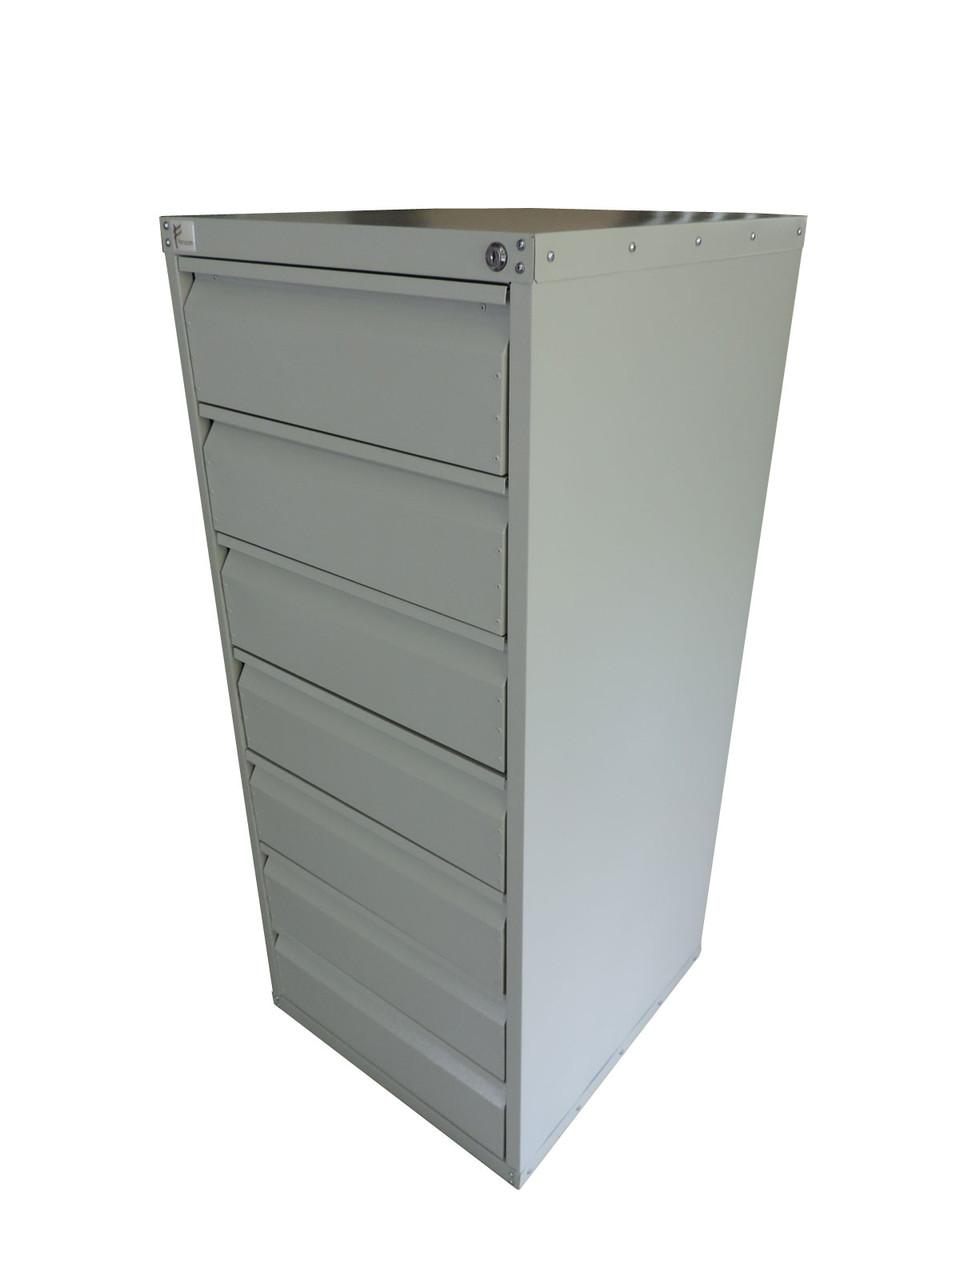 Шкаф для картотеки КШ-1 - Украинский Стандарт в Харькове